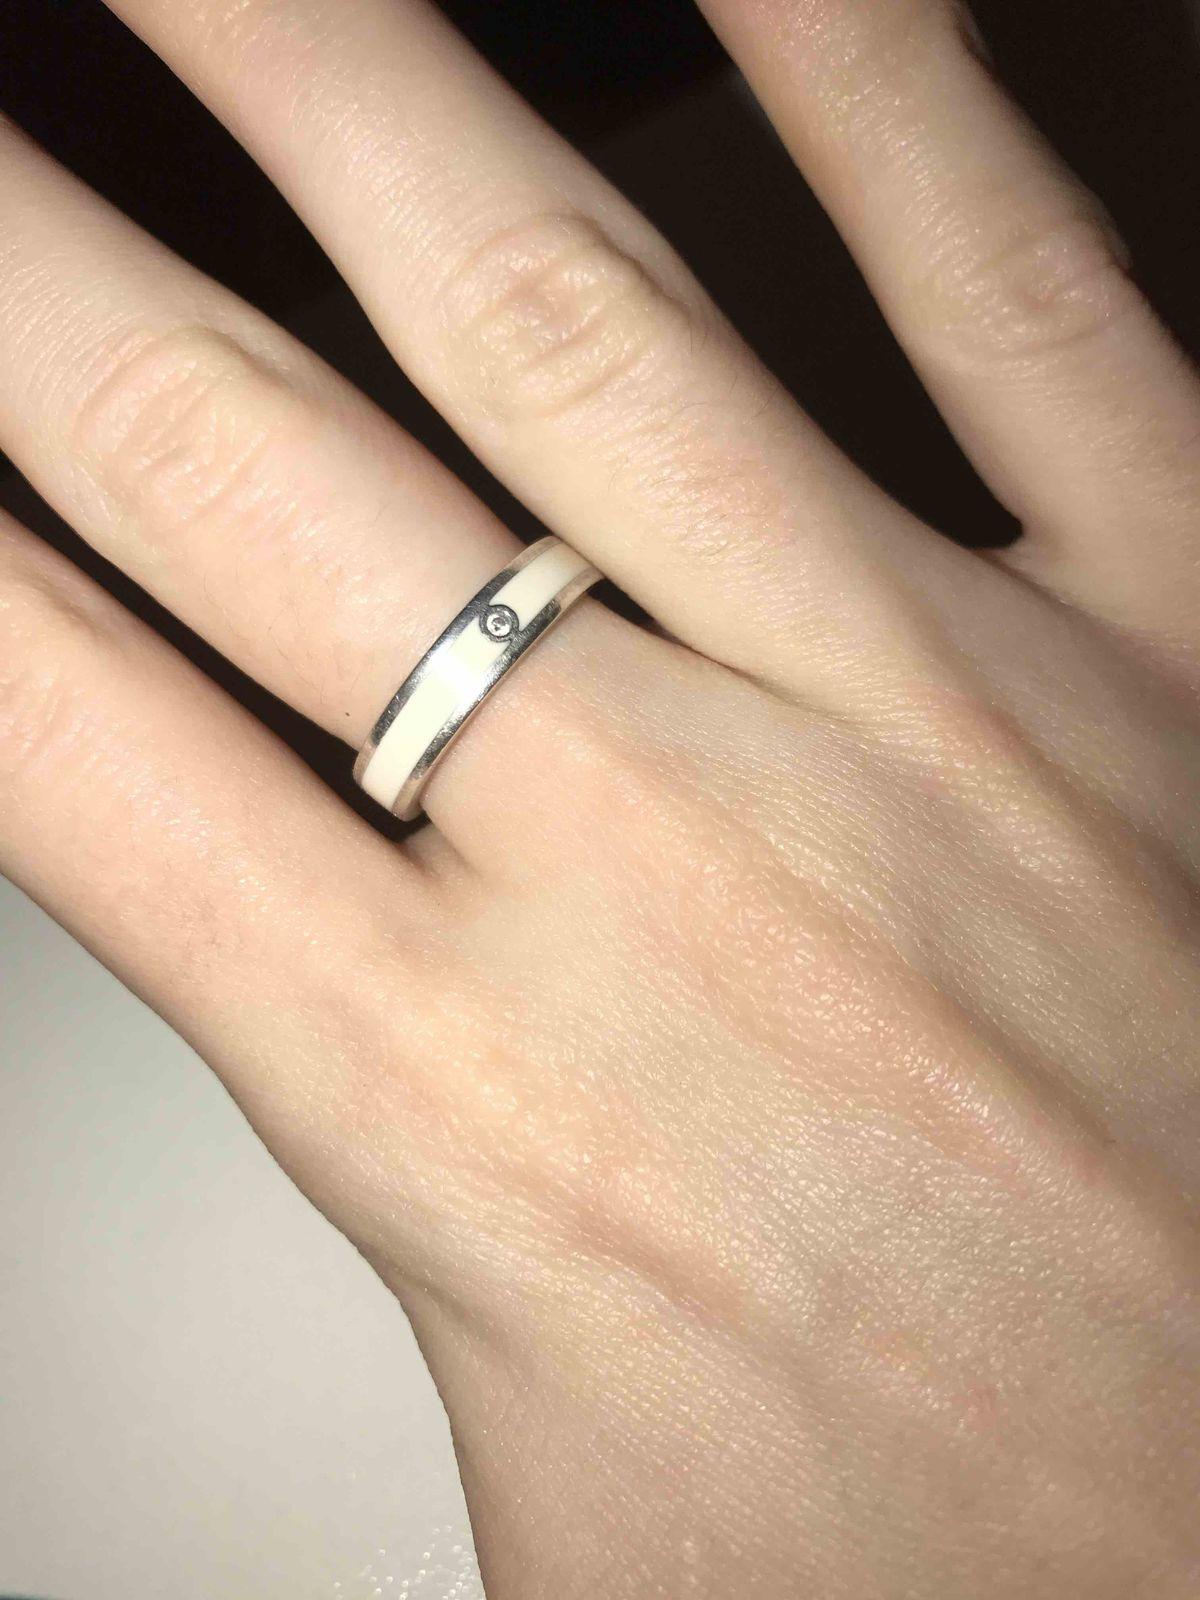 Милое кольцо, удобное, не задевается одежду, подходить подо все! крутое